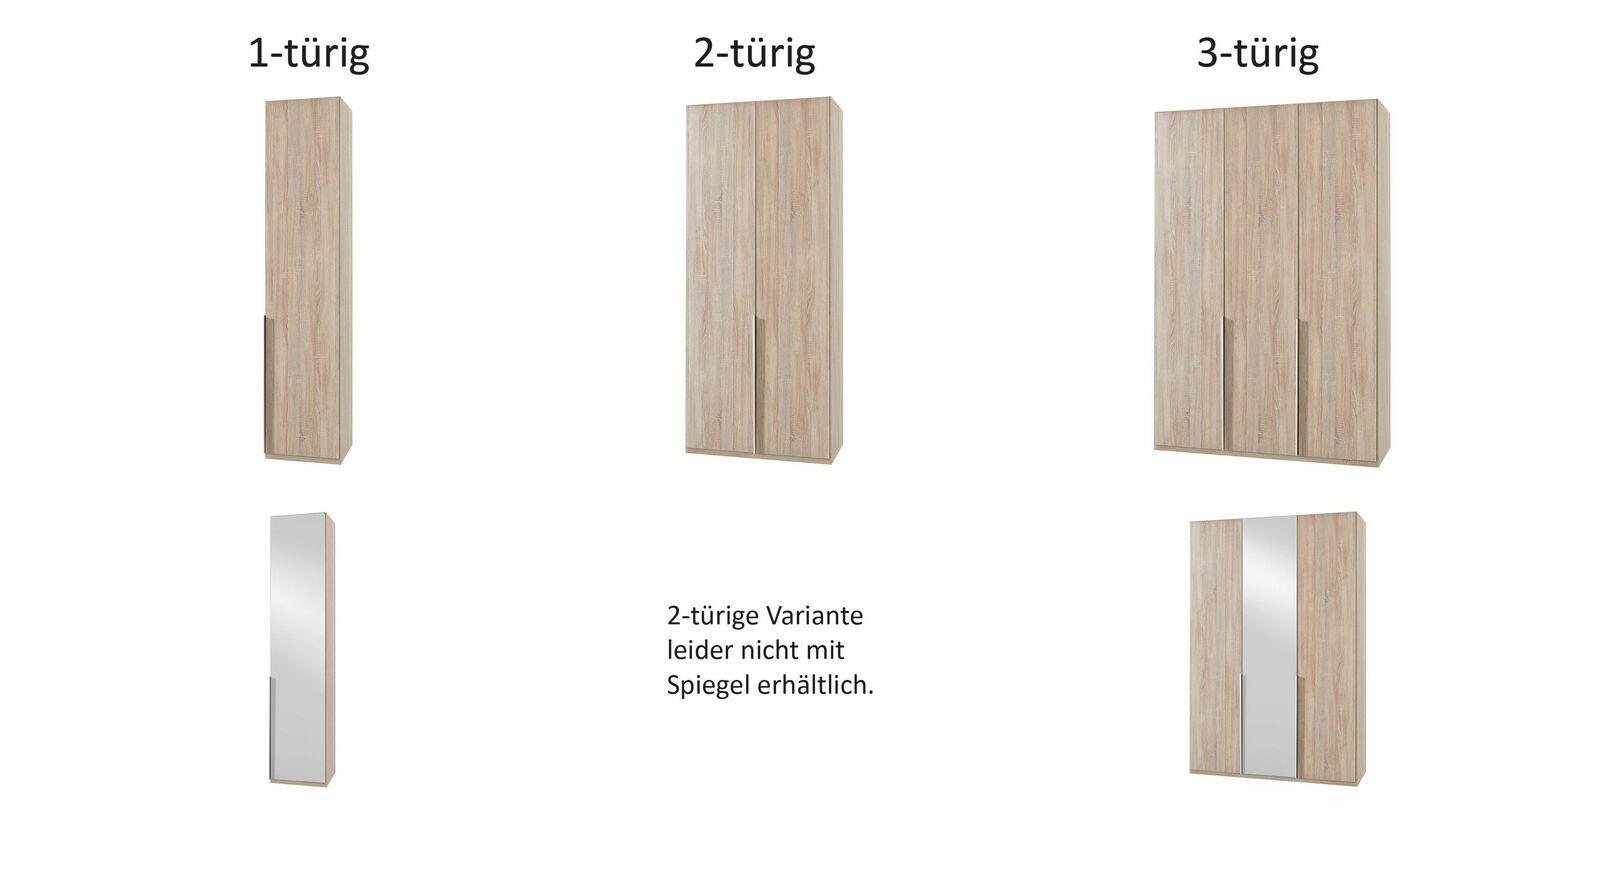 Schmale Varianten des Drehtüren-Kleiderschranks Coreno